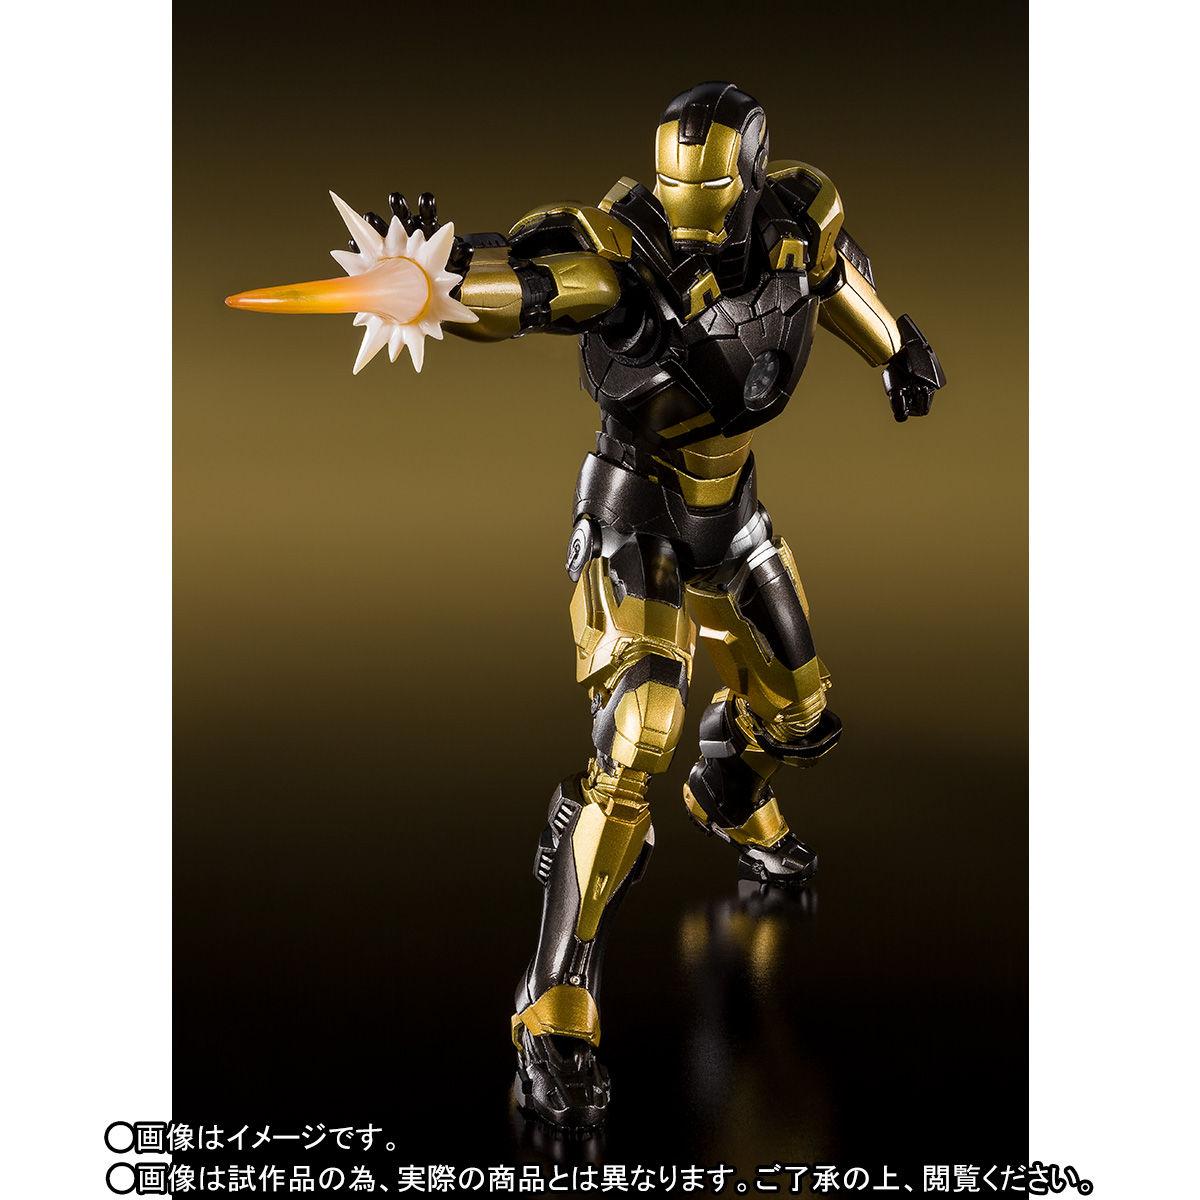 S.H.フィギュアーツ『アイアンマン マーク20 パイソン』アイアンマン3 可動フィギュア-004